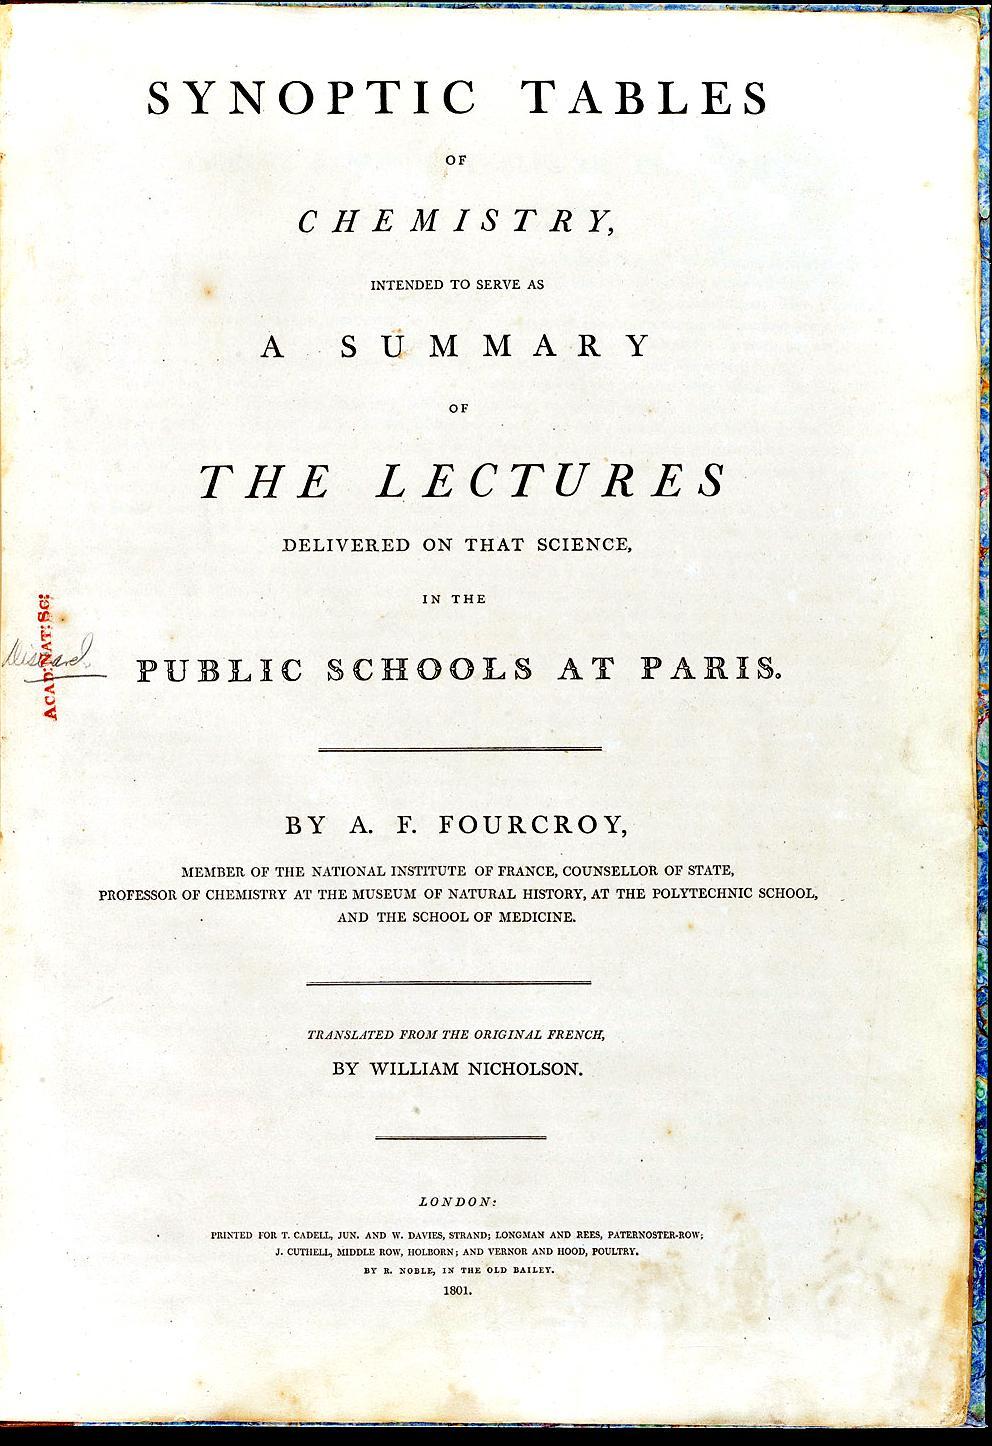 Vialibri Rare Books From 1801 Page 7